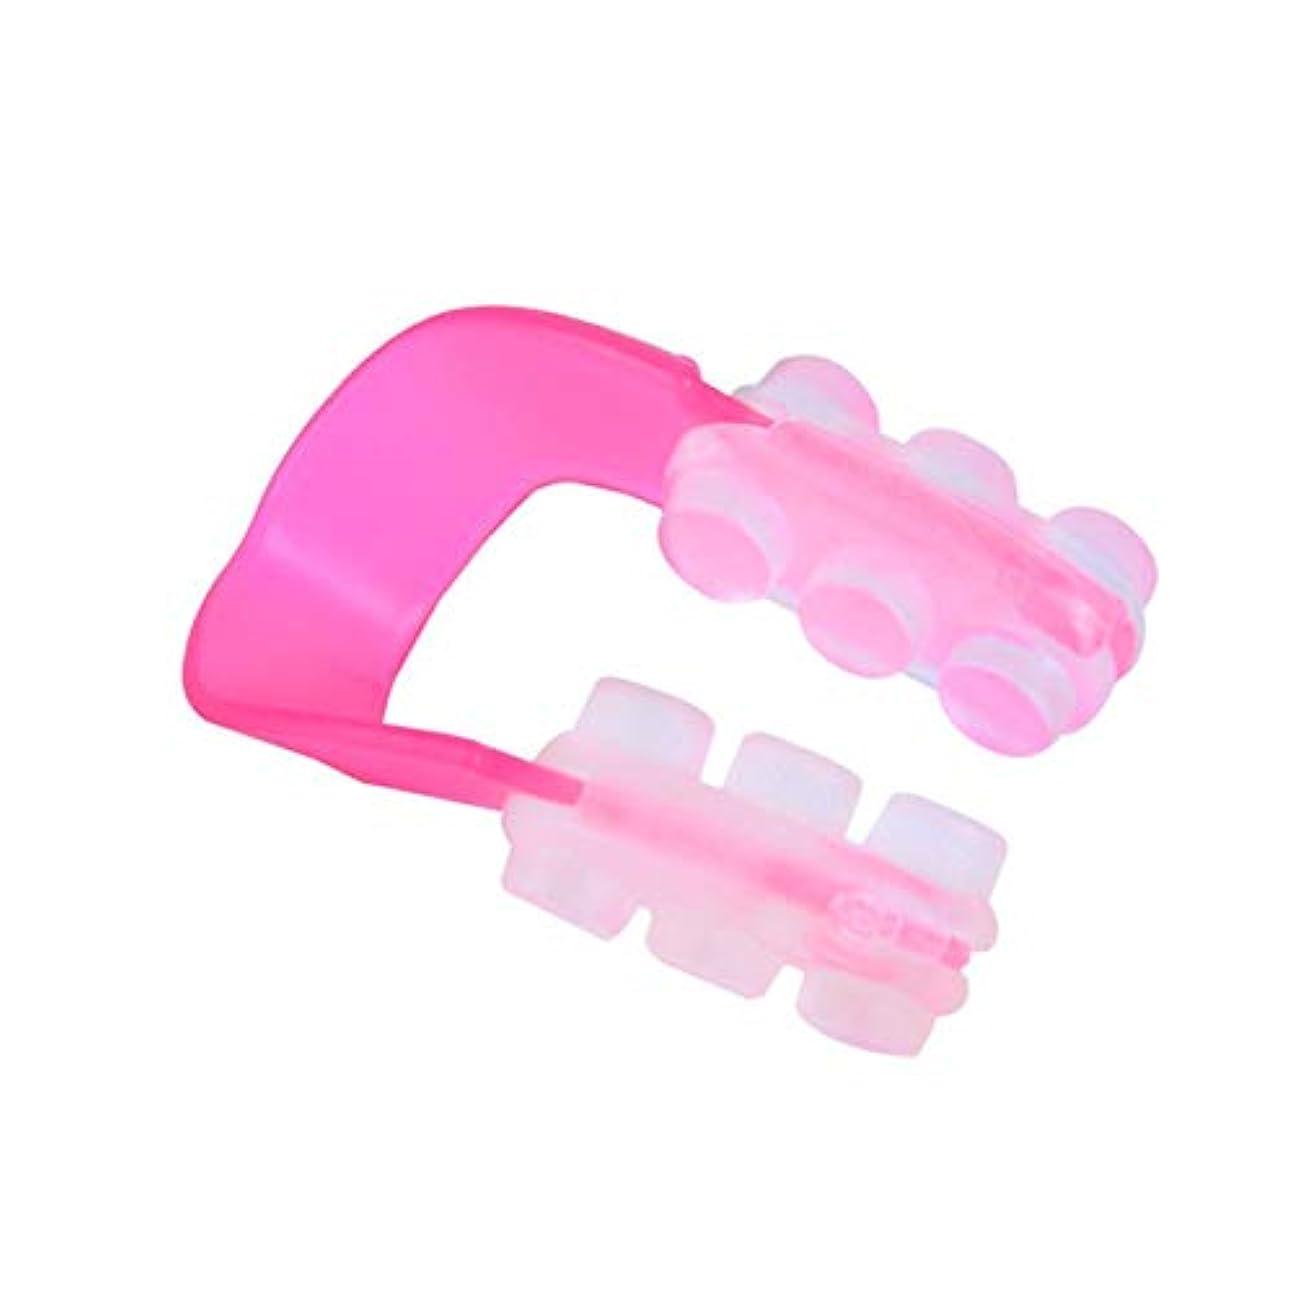 扱いやすい感嘆フェローシップHAMILO ノーズクリップ 美容グッズ 矯正クリップ 鼻を高く 鼻に挟む ノーズアップ 挟むだけ (5個セット)